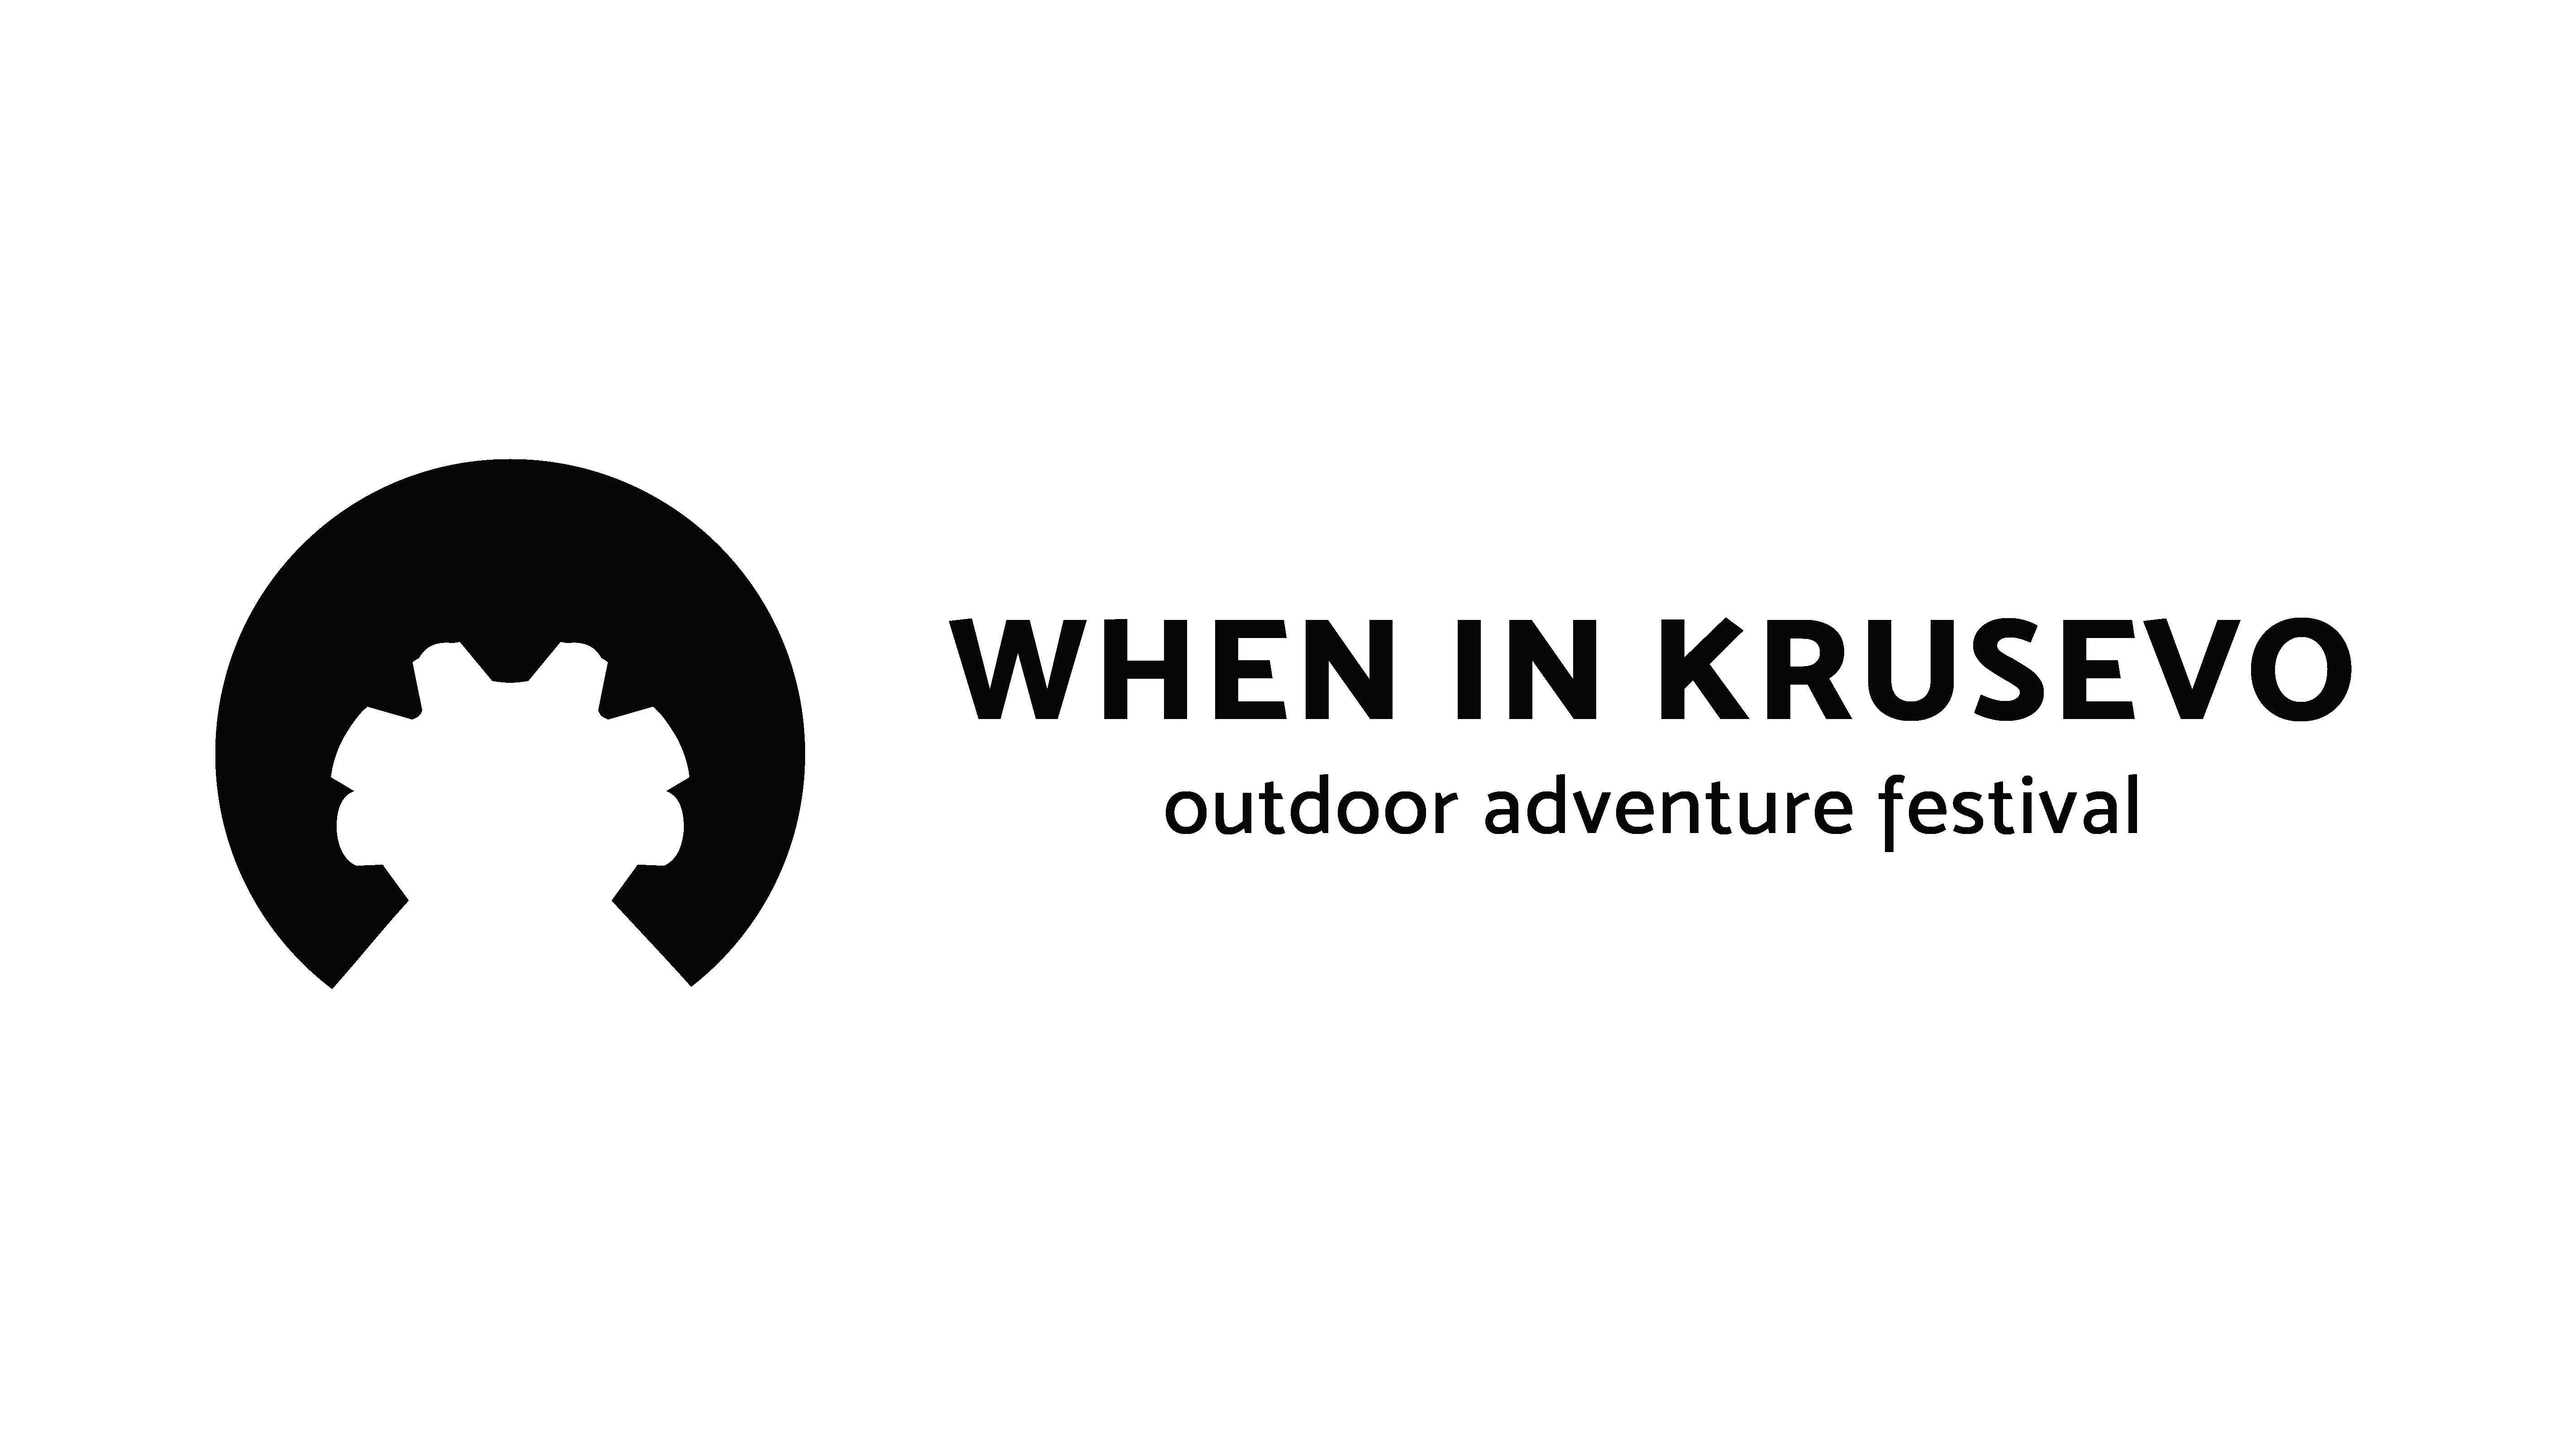 When in Krusevo